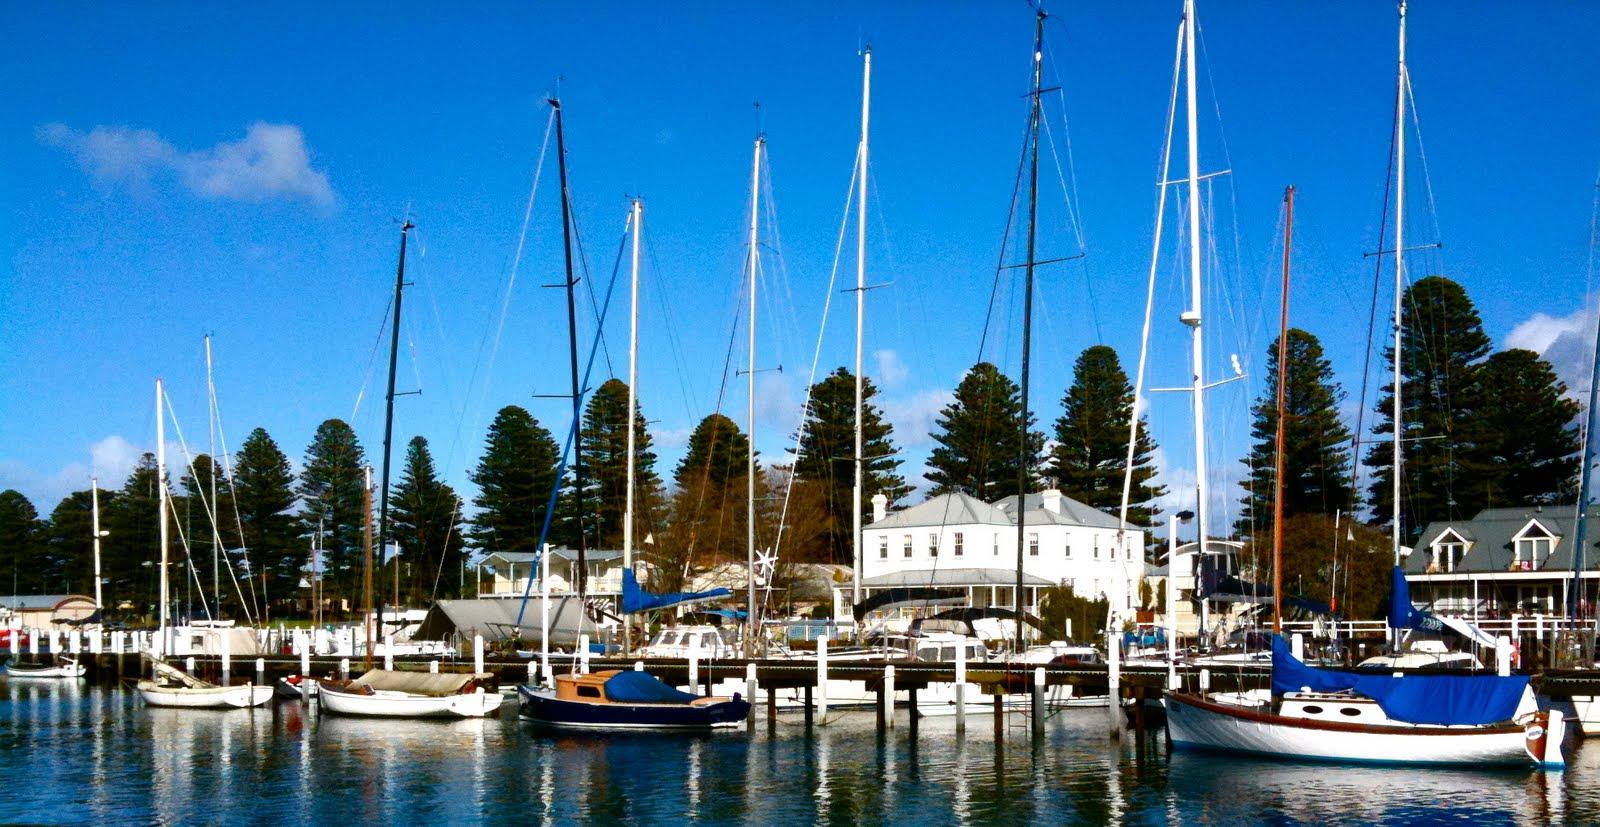 Port Fairy - 5 thị trấn bạn nên ghé thăm khi đi Great Ocean Road